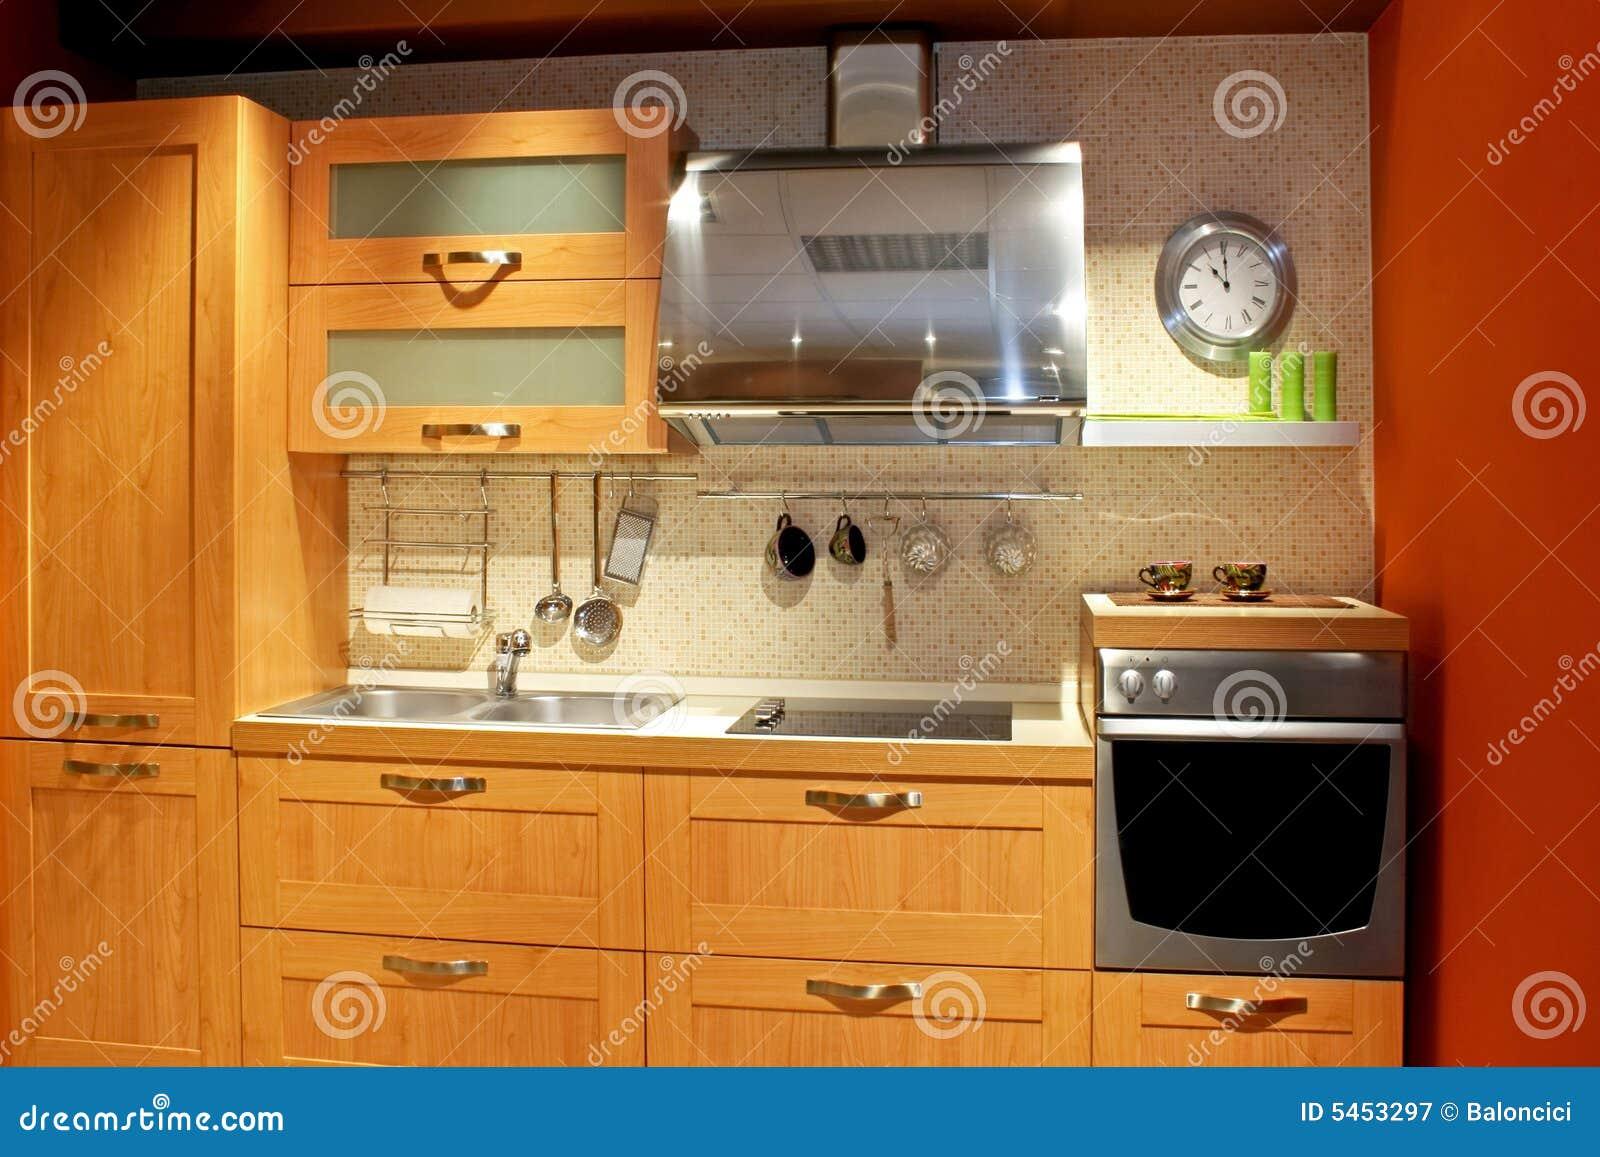 Cuisine d 39 appartement photographie stock libre de droits image 5453297 - Cuisine d appartement ...